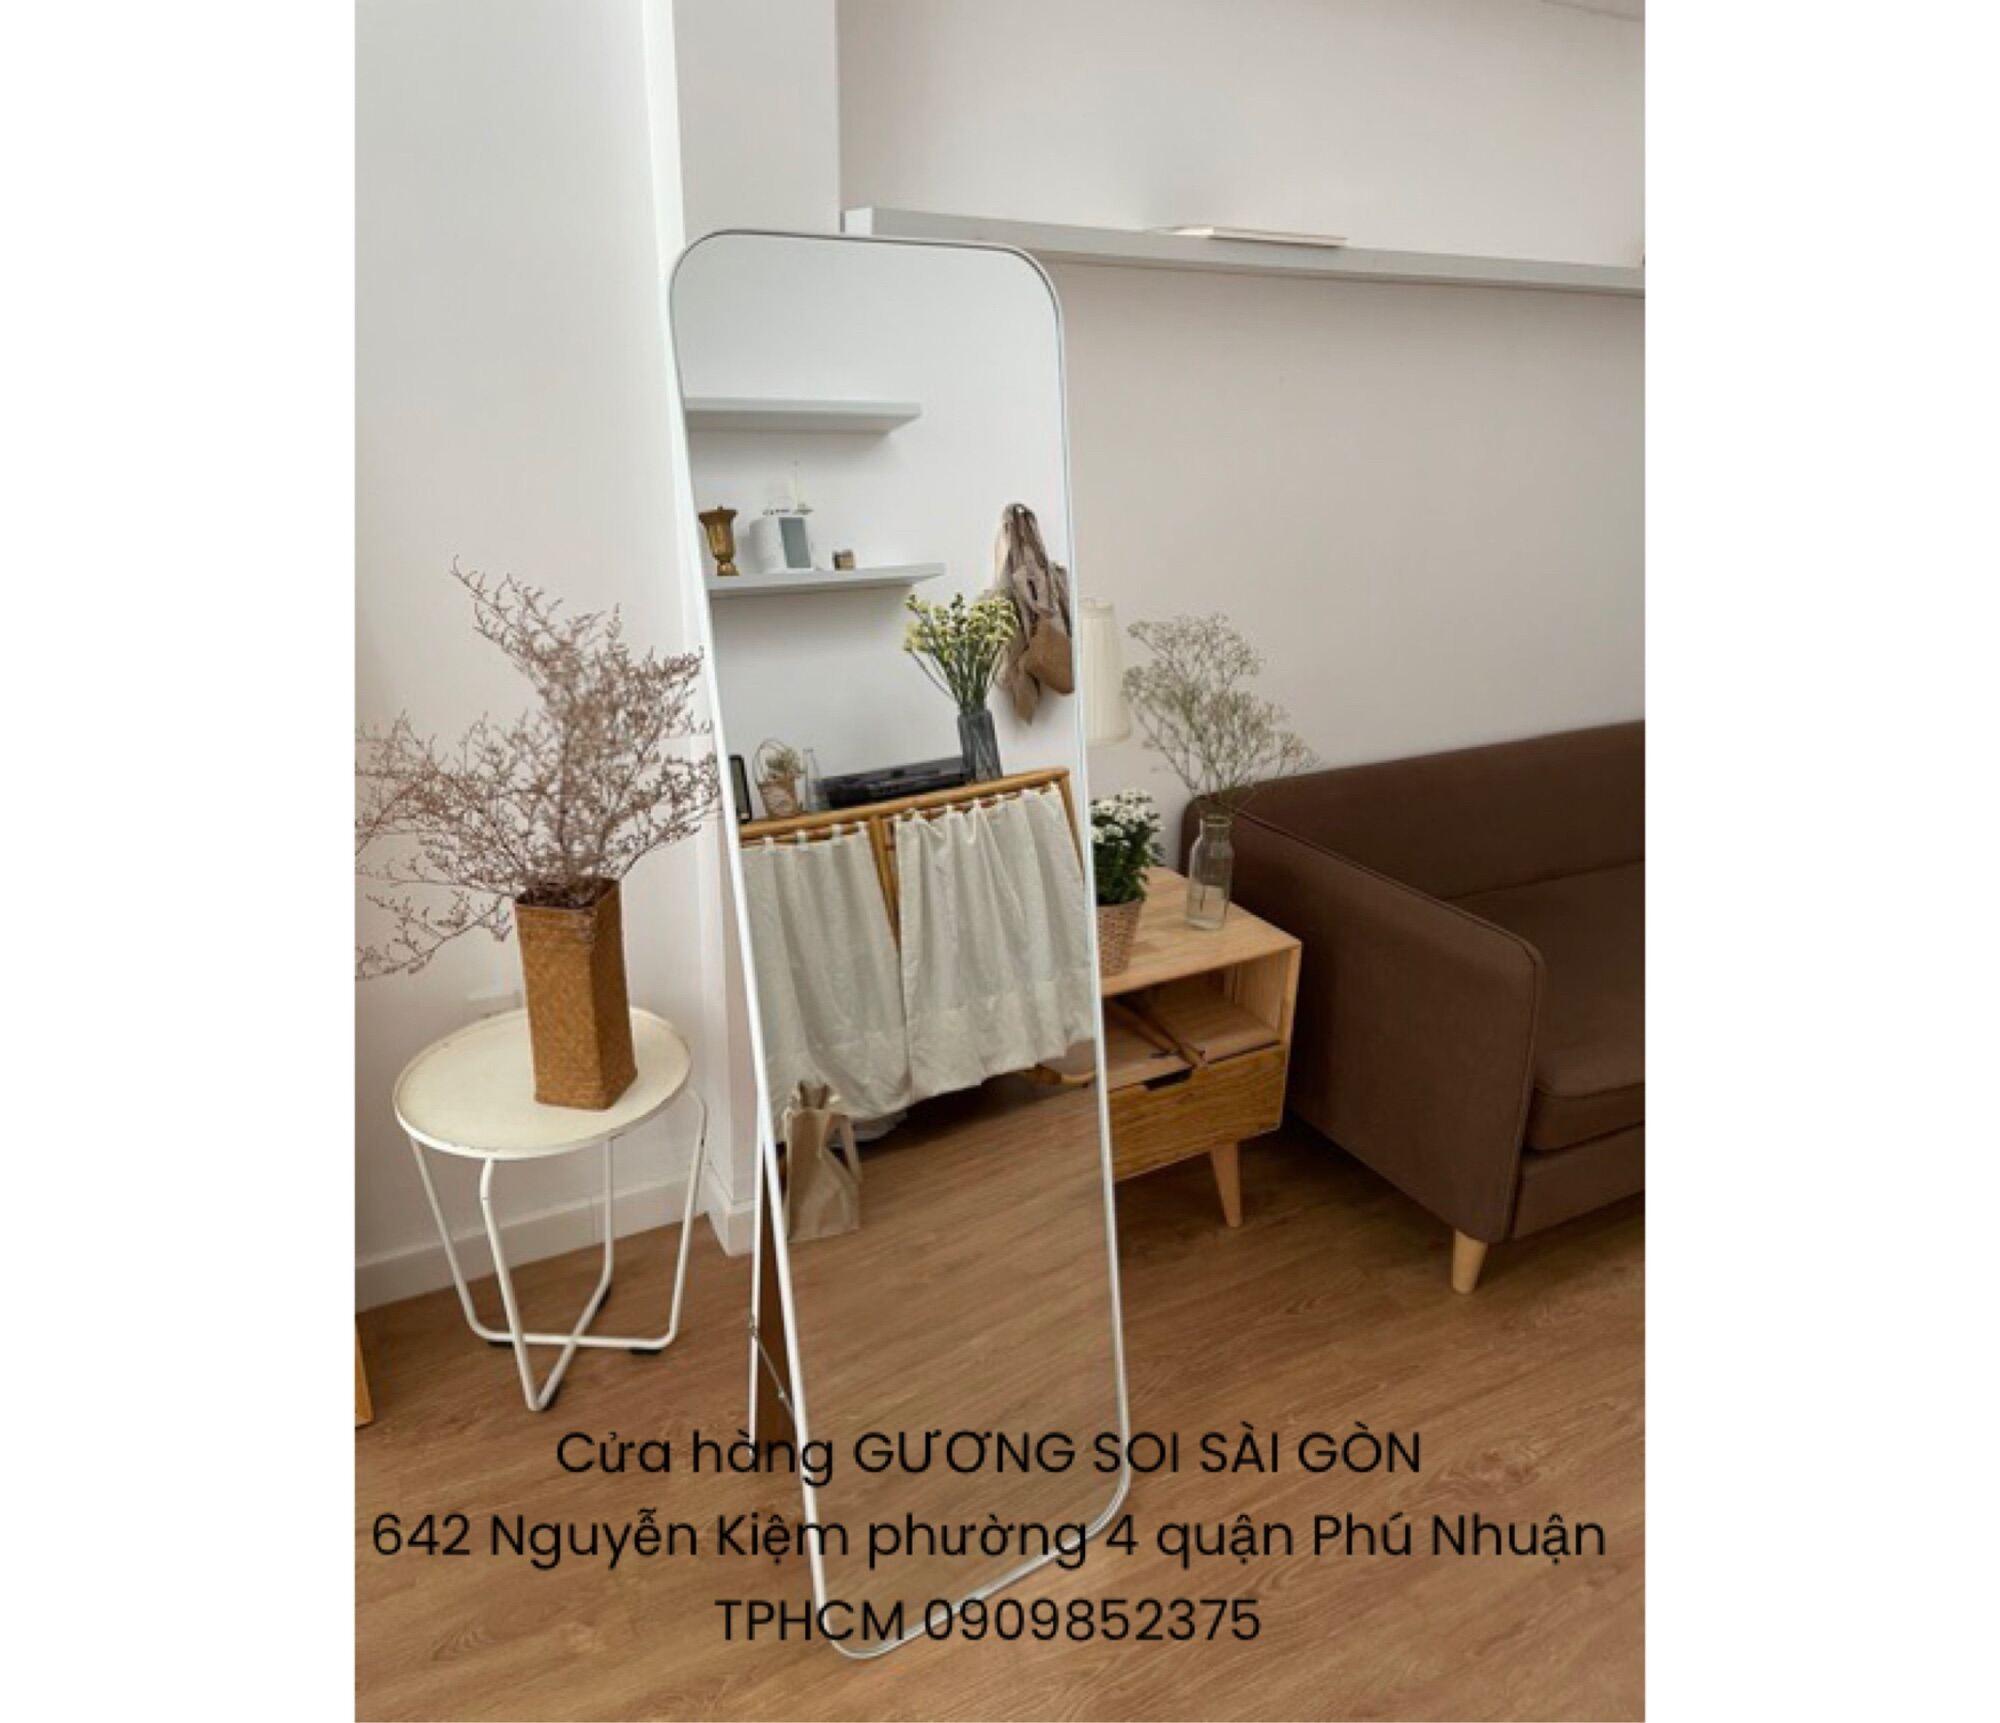 Gương soi toàn thân viền nhôm có chân tựa 45x160cm giá rẻ